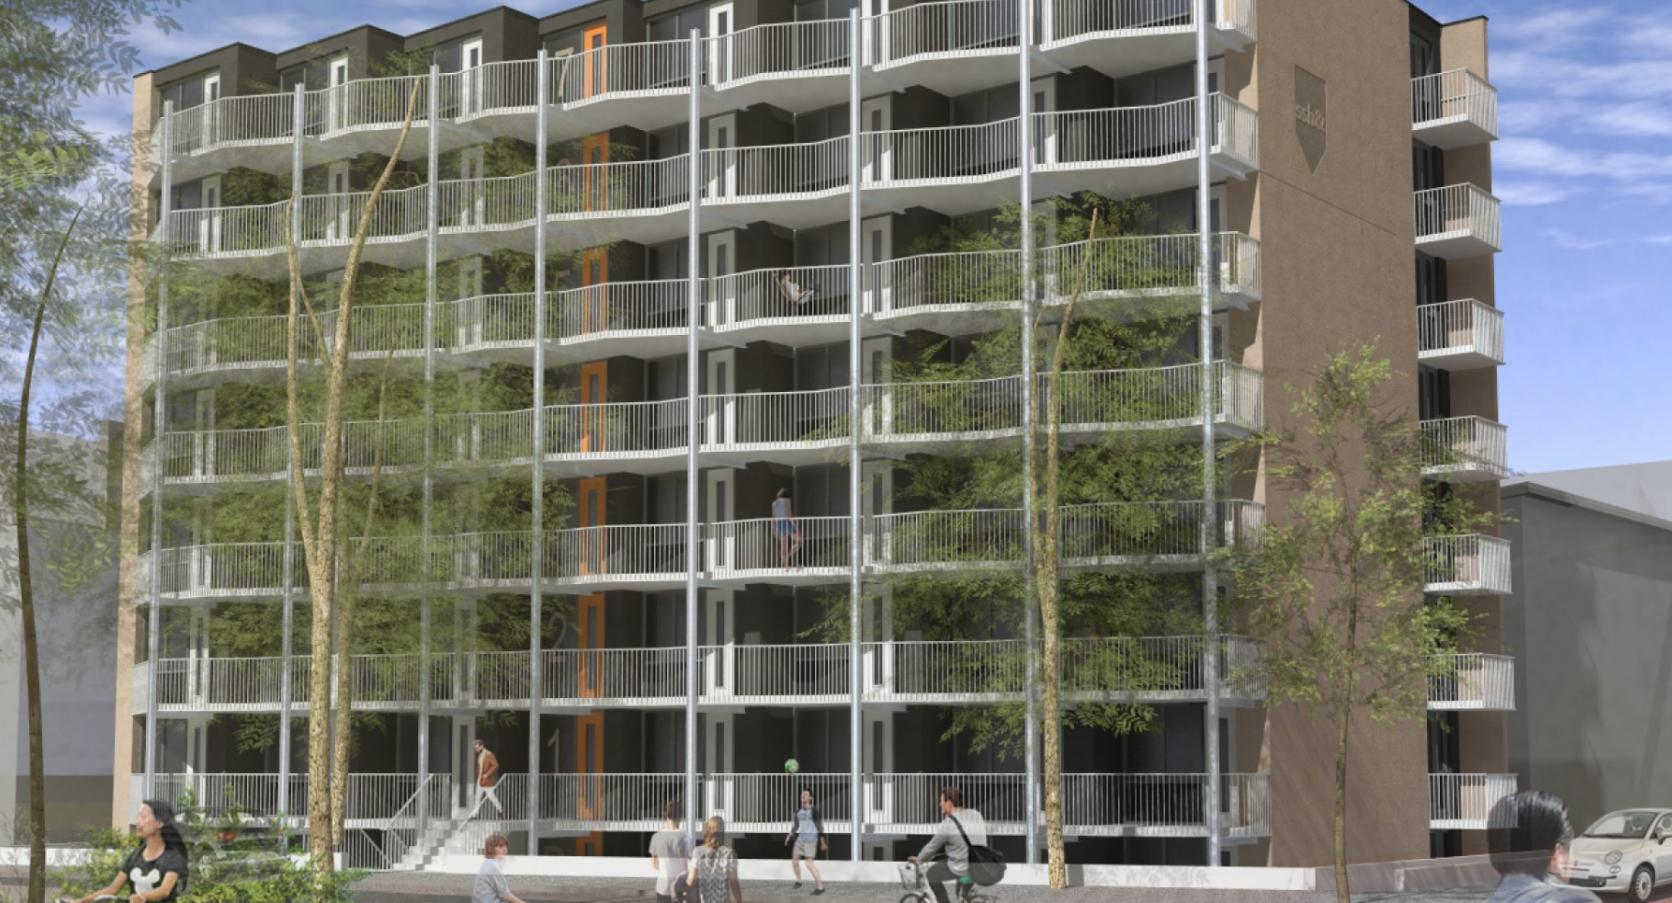 Vooraanzicht Nispenstraat Nijmegen MD Strekmetaal gevel balustrades Metadecor Kampen